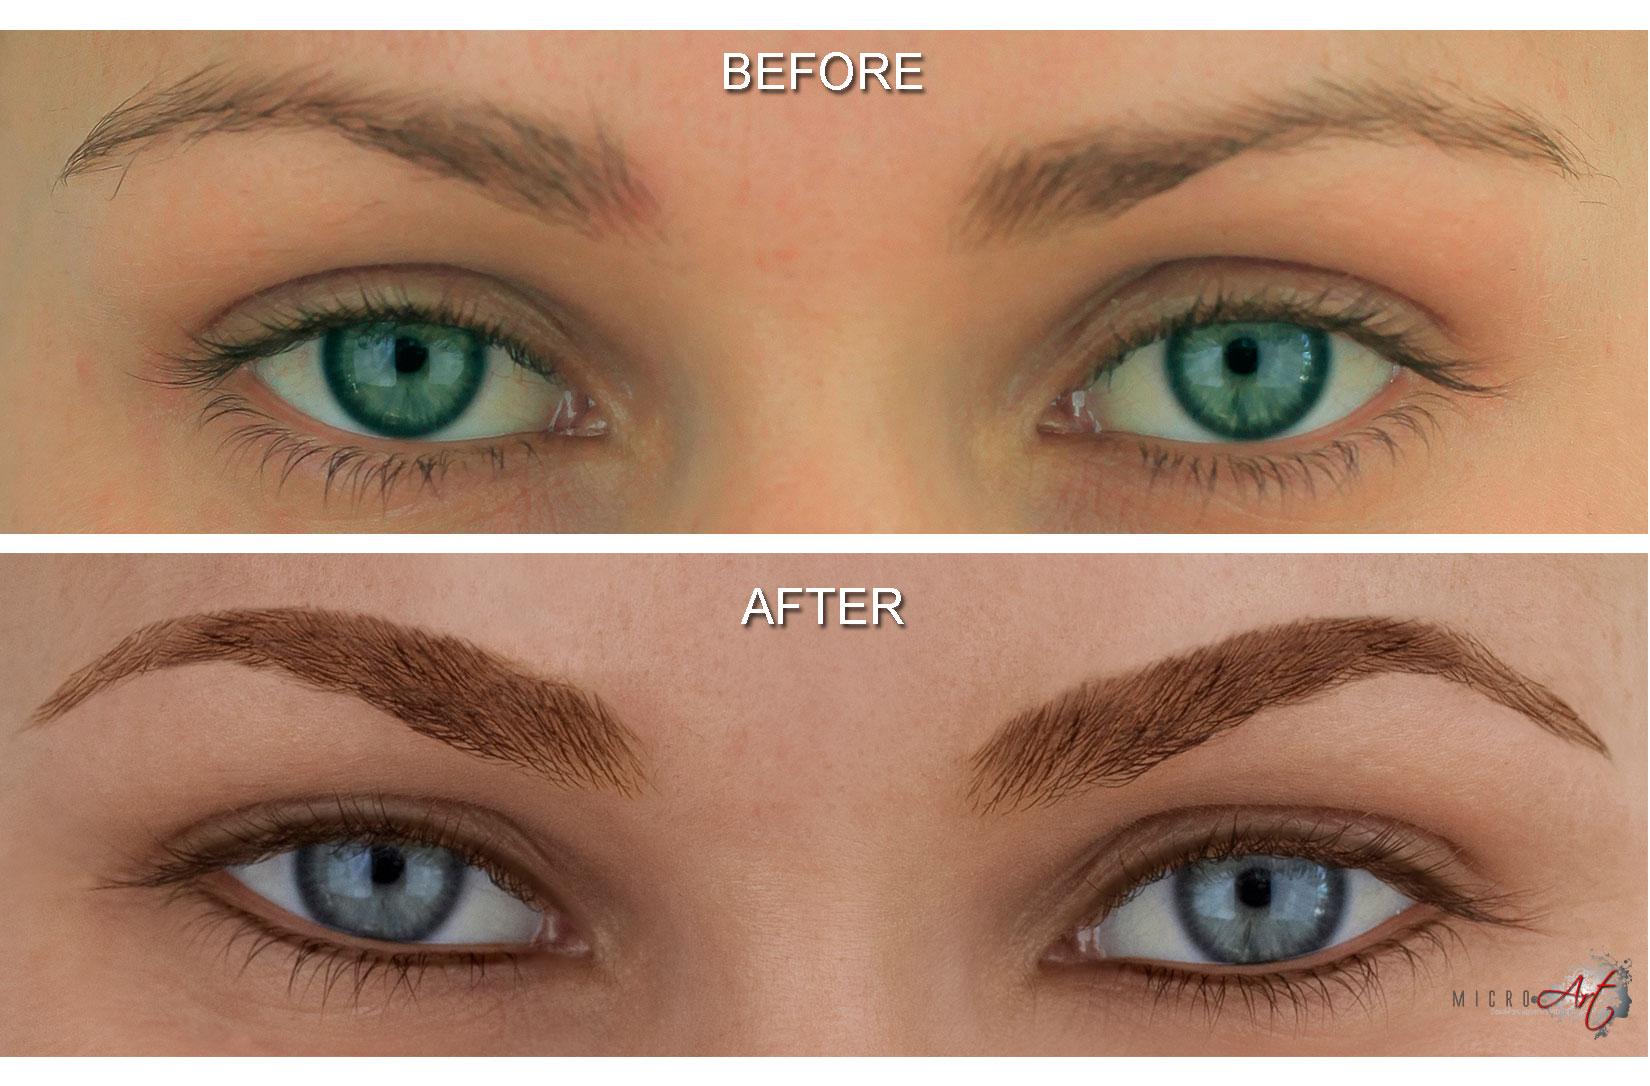 Eyeliner eyelash enhancement signature massage for Eyebrow tattoo aftercare instructions